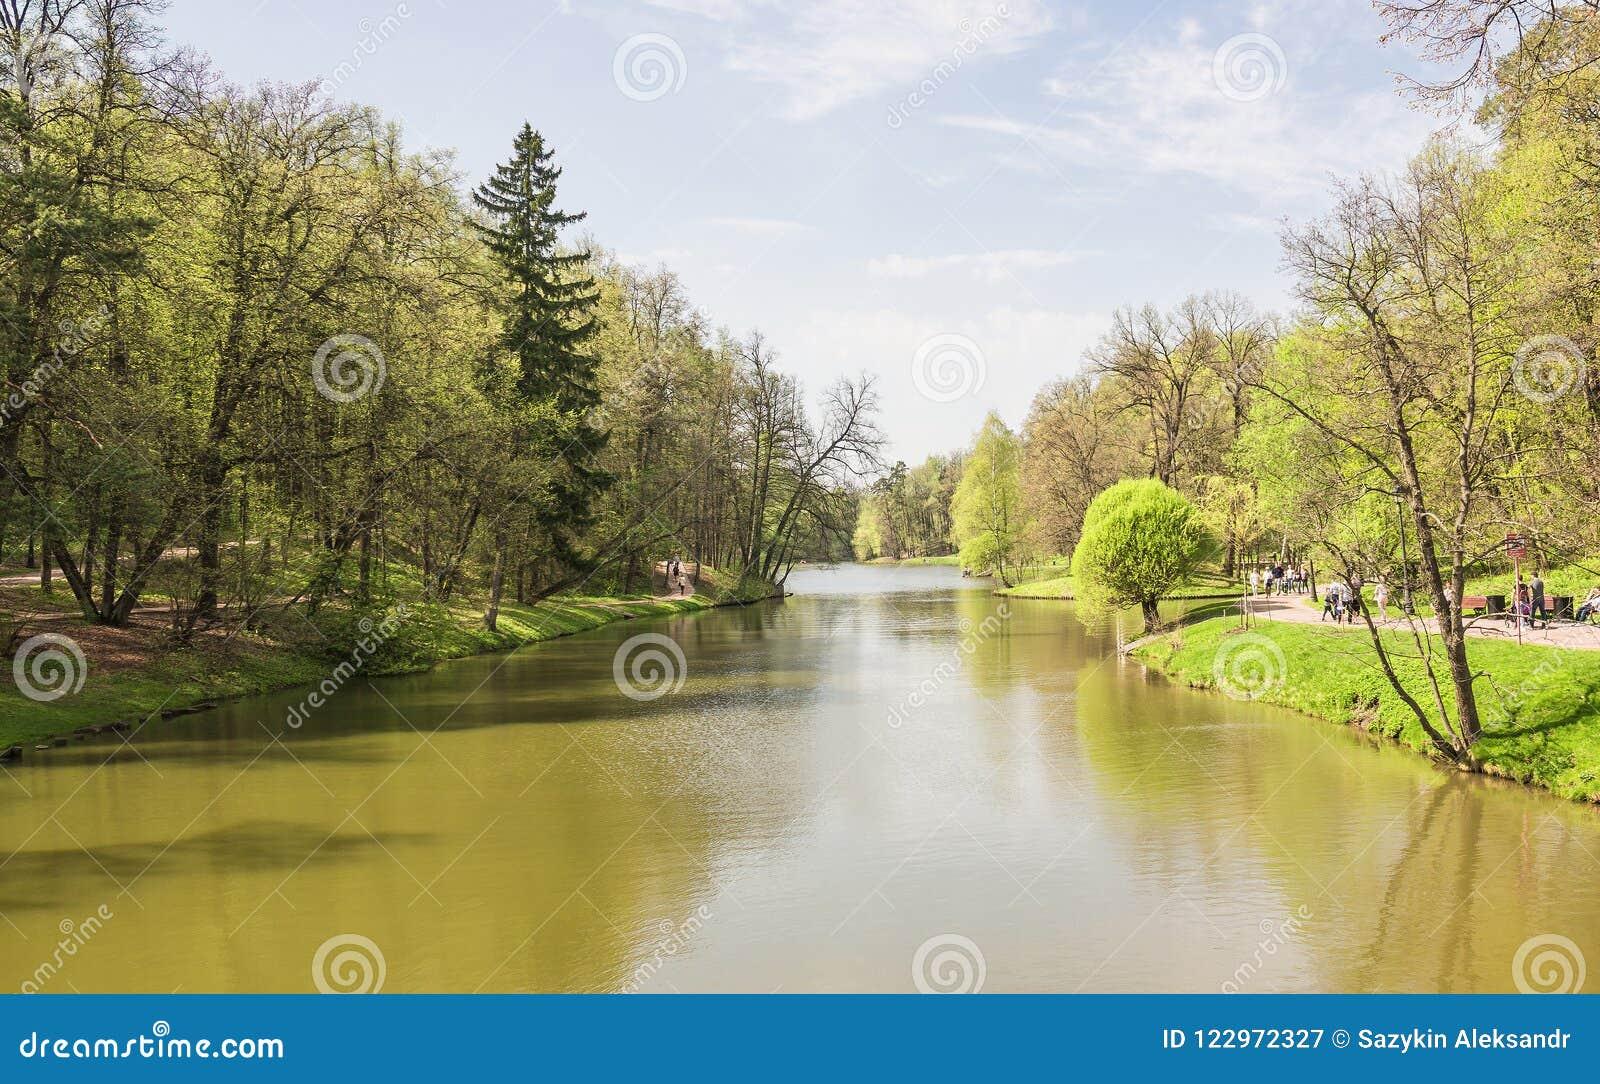 Μεγάλη λίμνη Tsaritsyn στο κτήμα Tsaritsyno Νότια περιοχή Μόσχα Ρωσική Ομοσπονδία